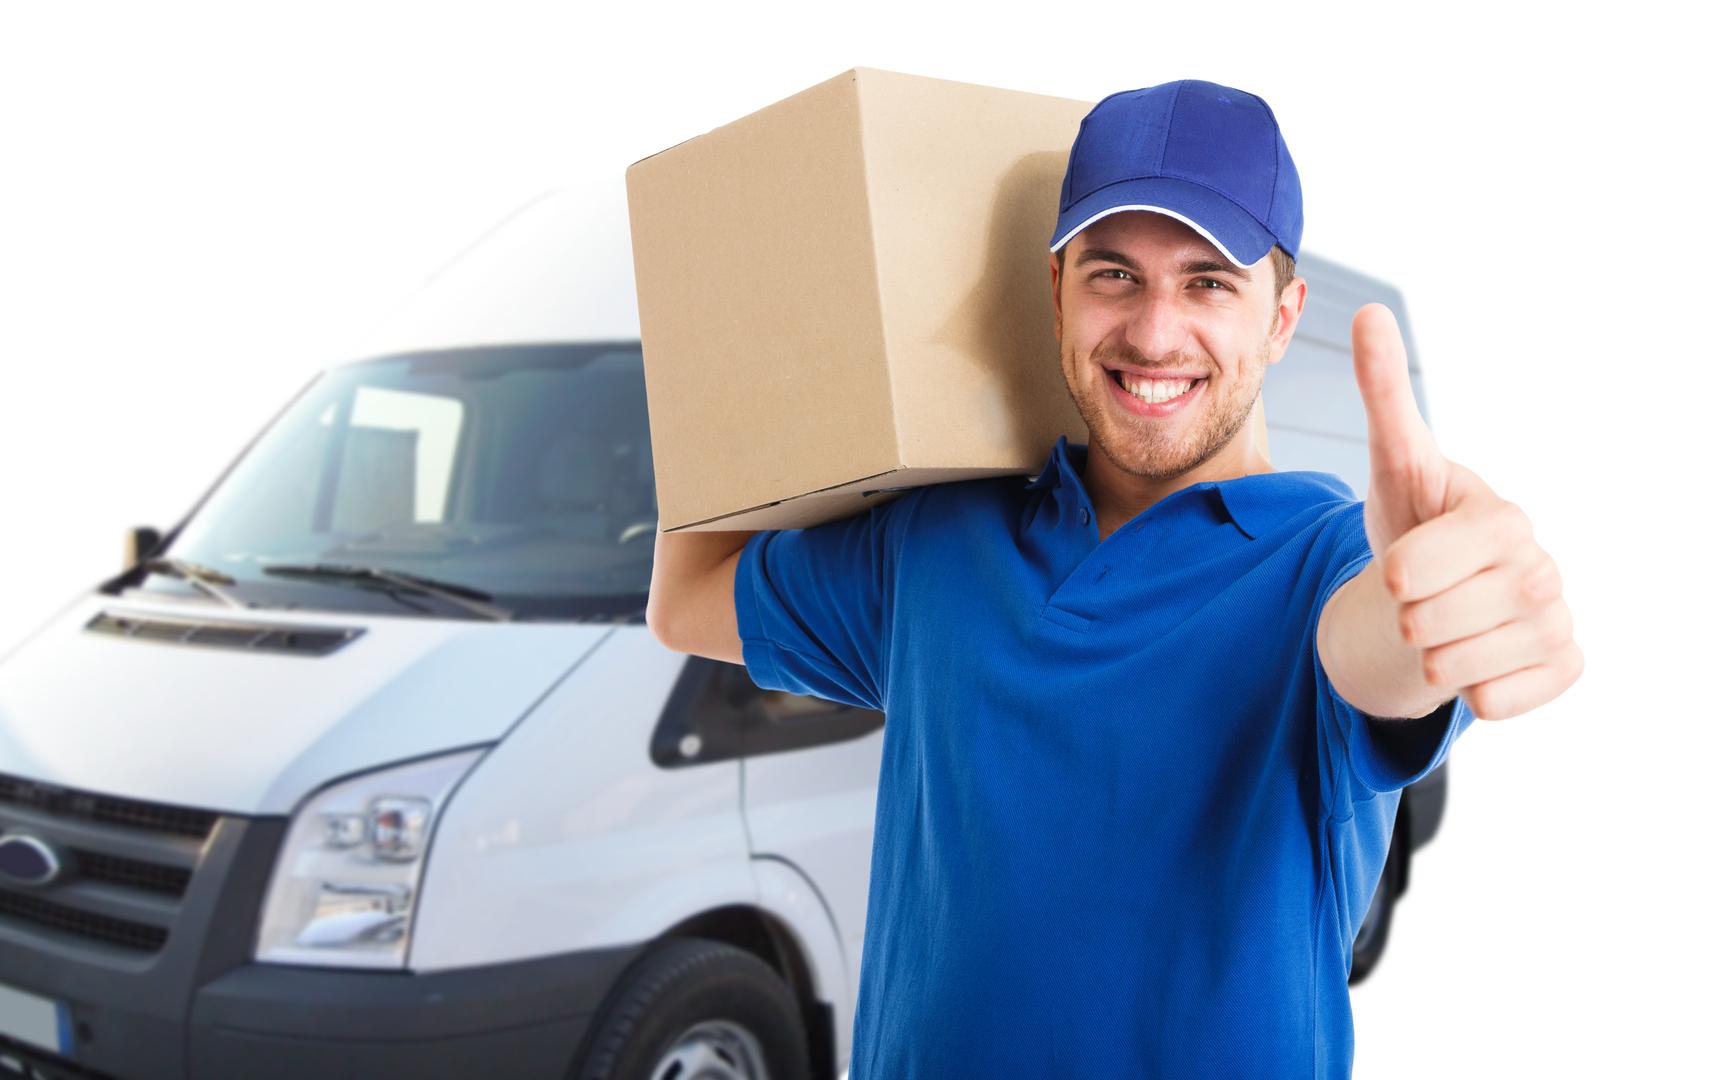 Стоит ли заказывать грузчиков для переезда